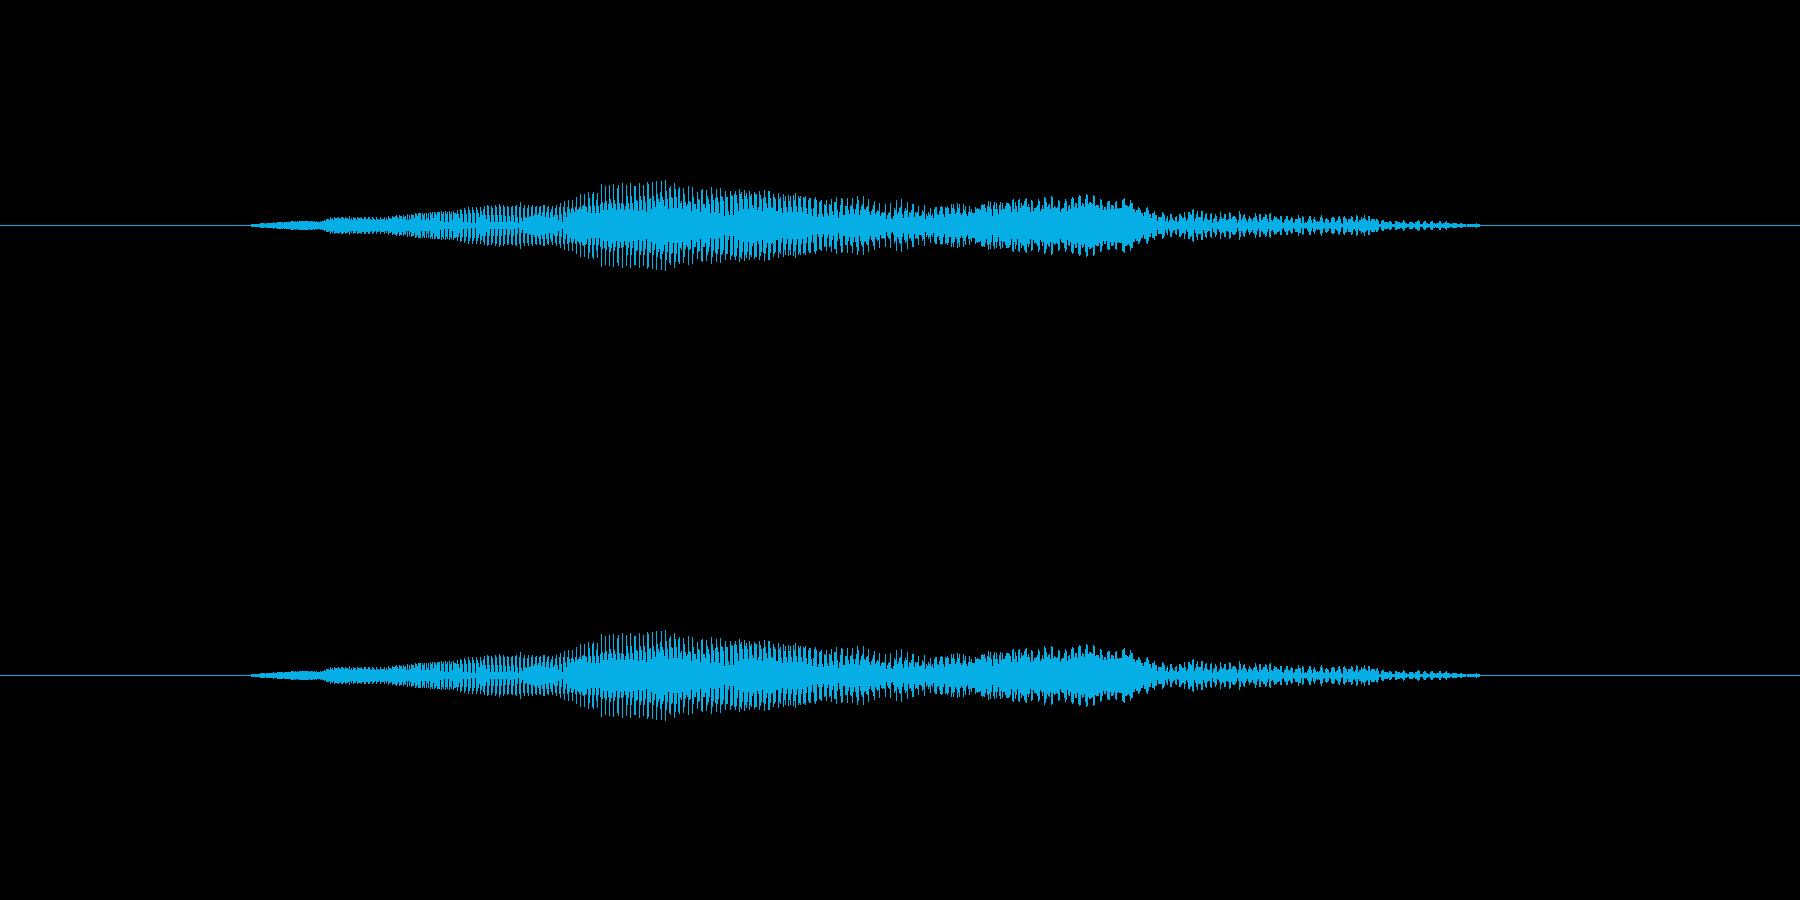 ニャー_猫声-09の再生済みの波形